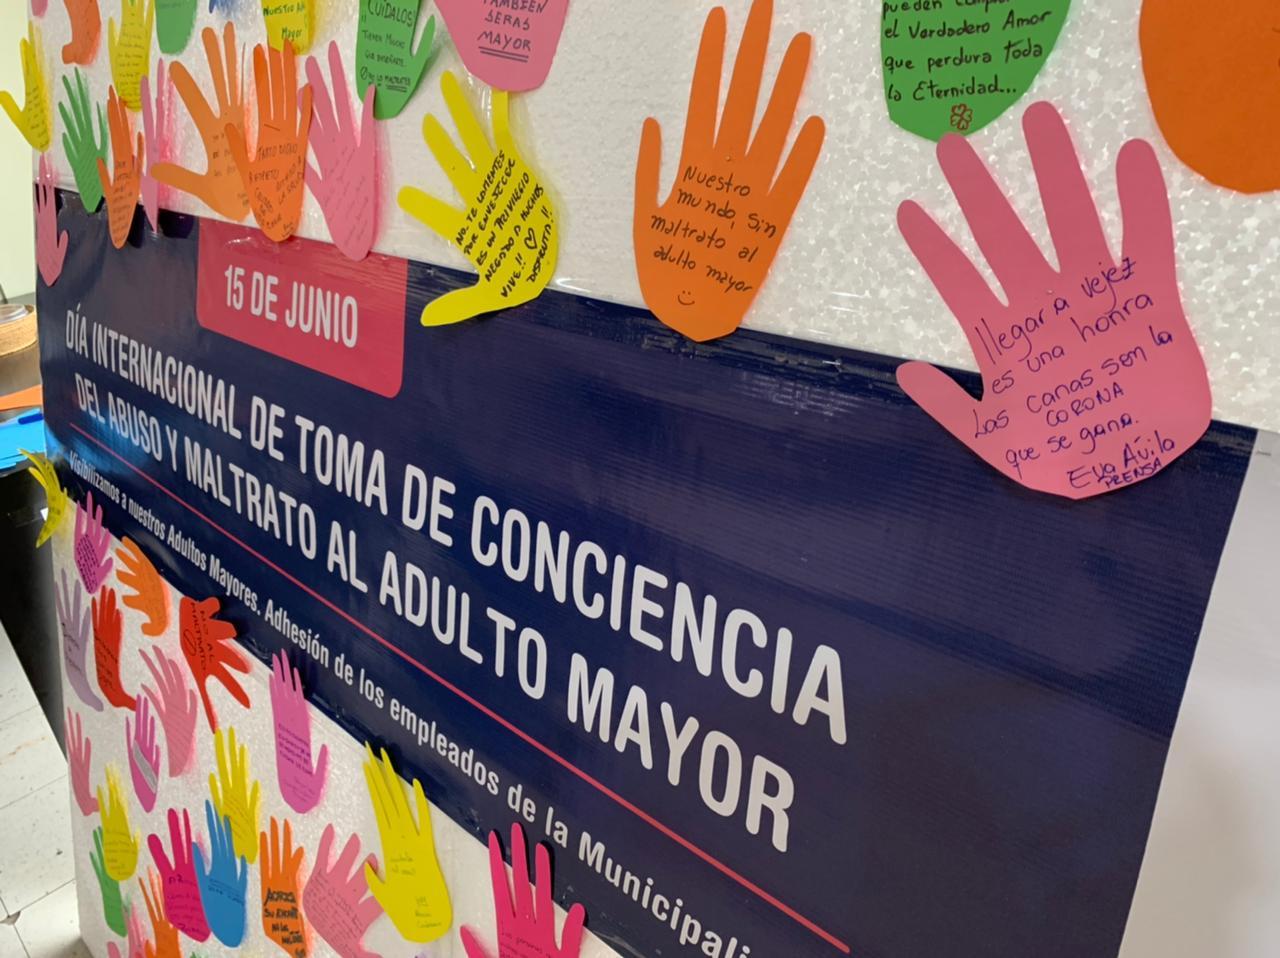 Desde el municipio se promueve la toma de conciencia sobre el abuso y maltrato en la vejez